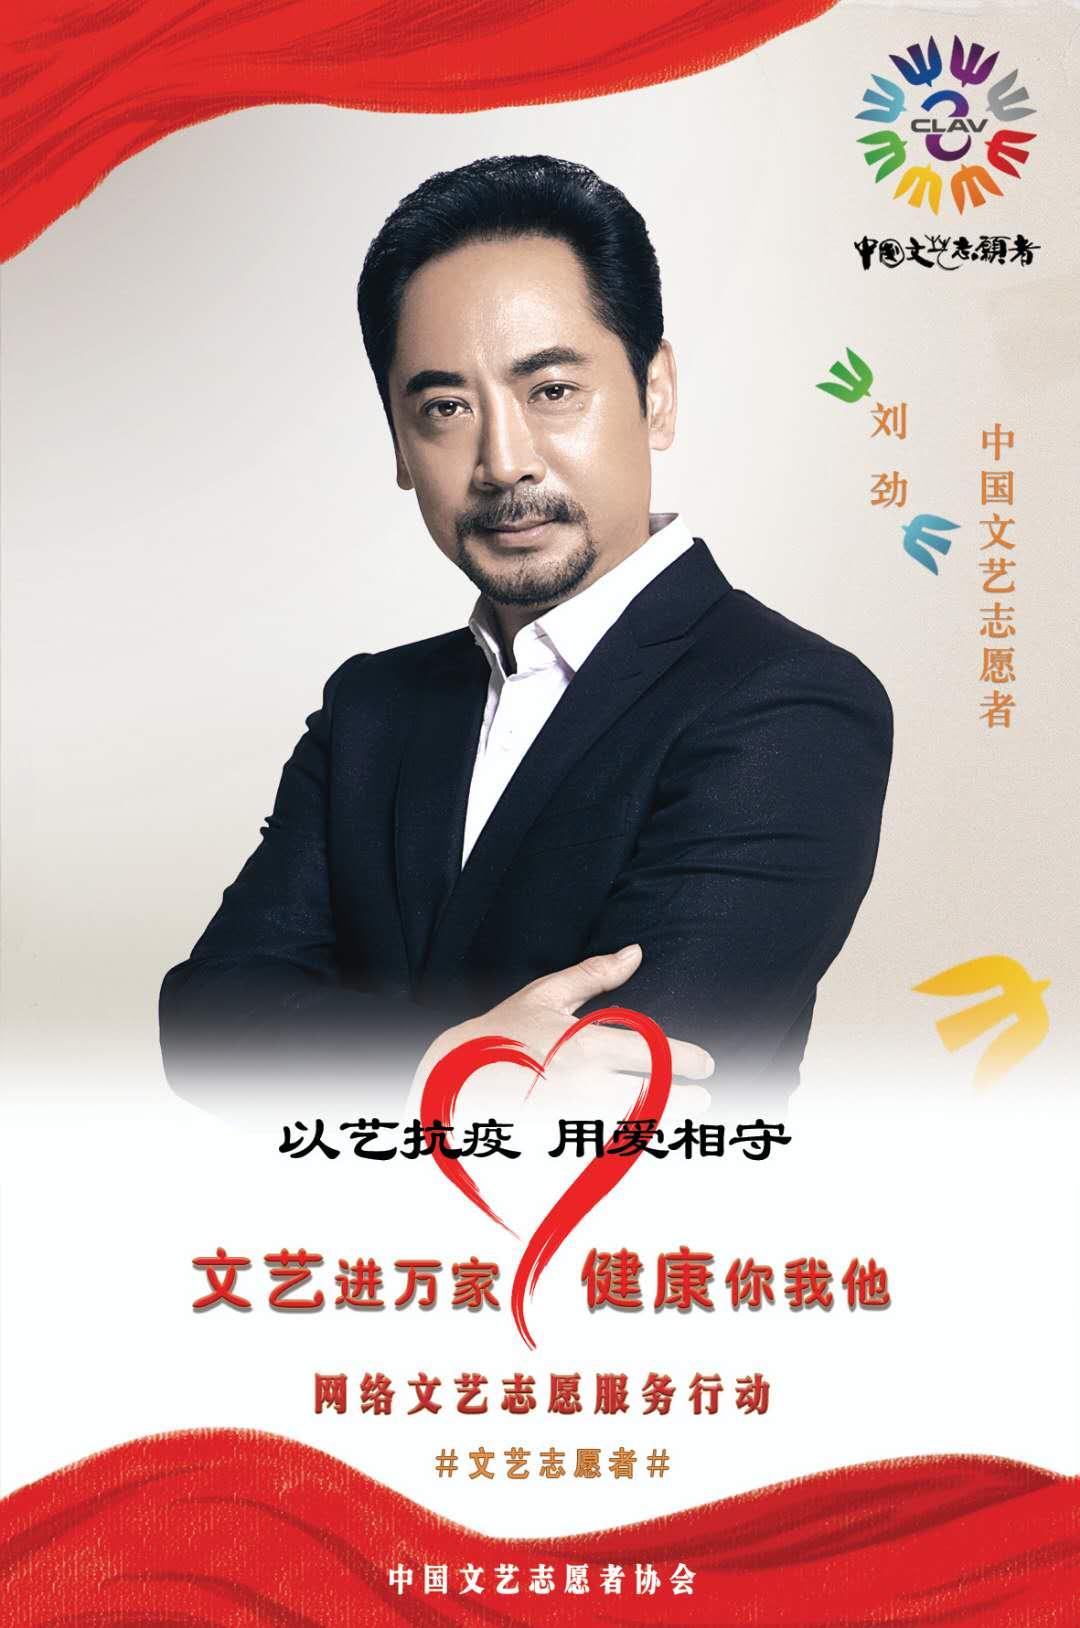 影视艺术家、ManBetX网页旅琼ManBetX官方网站家协会副主席刘劲